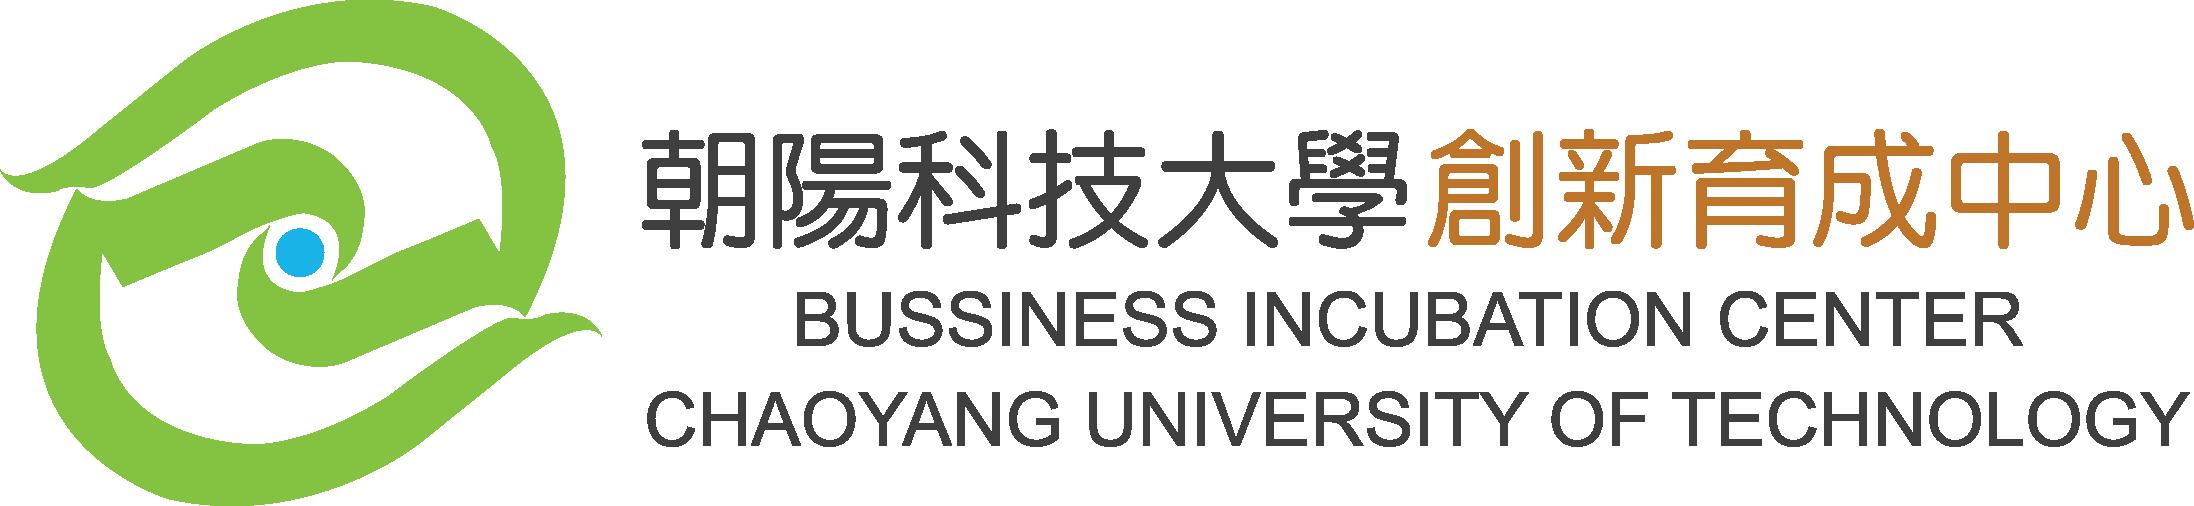 朝陽科技大學創新育成中心